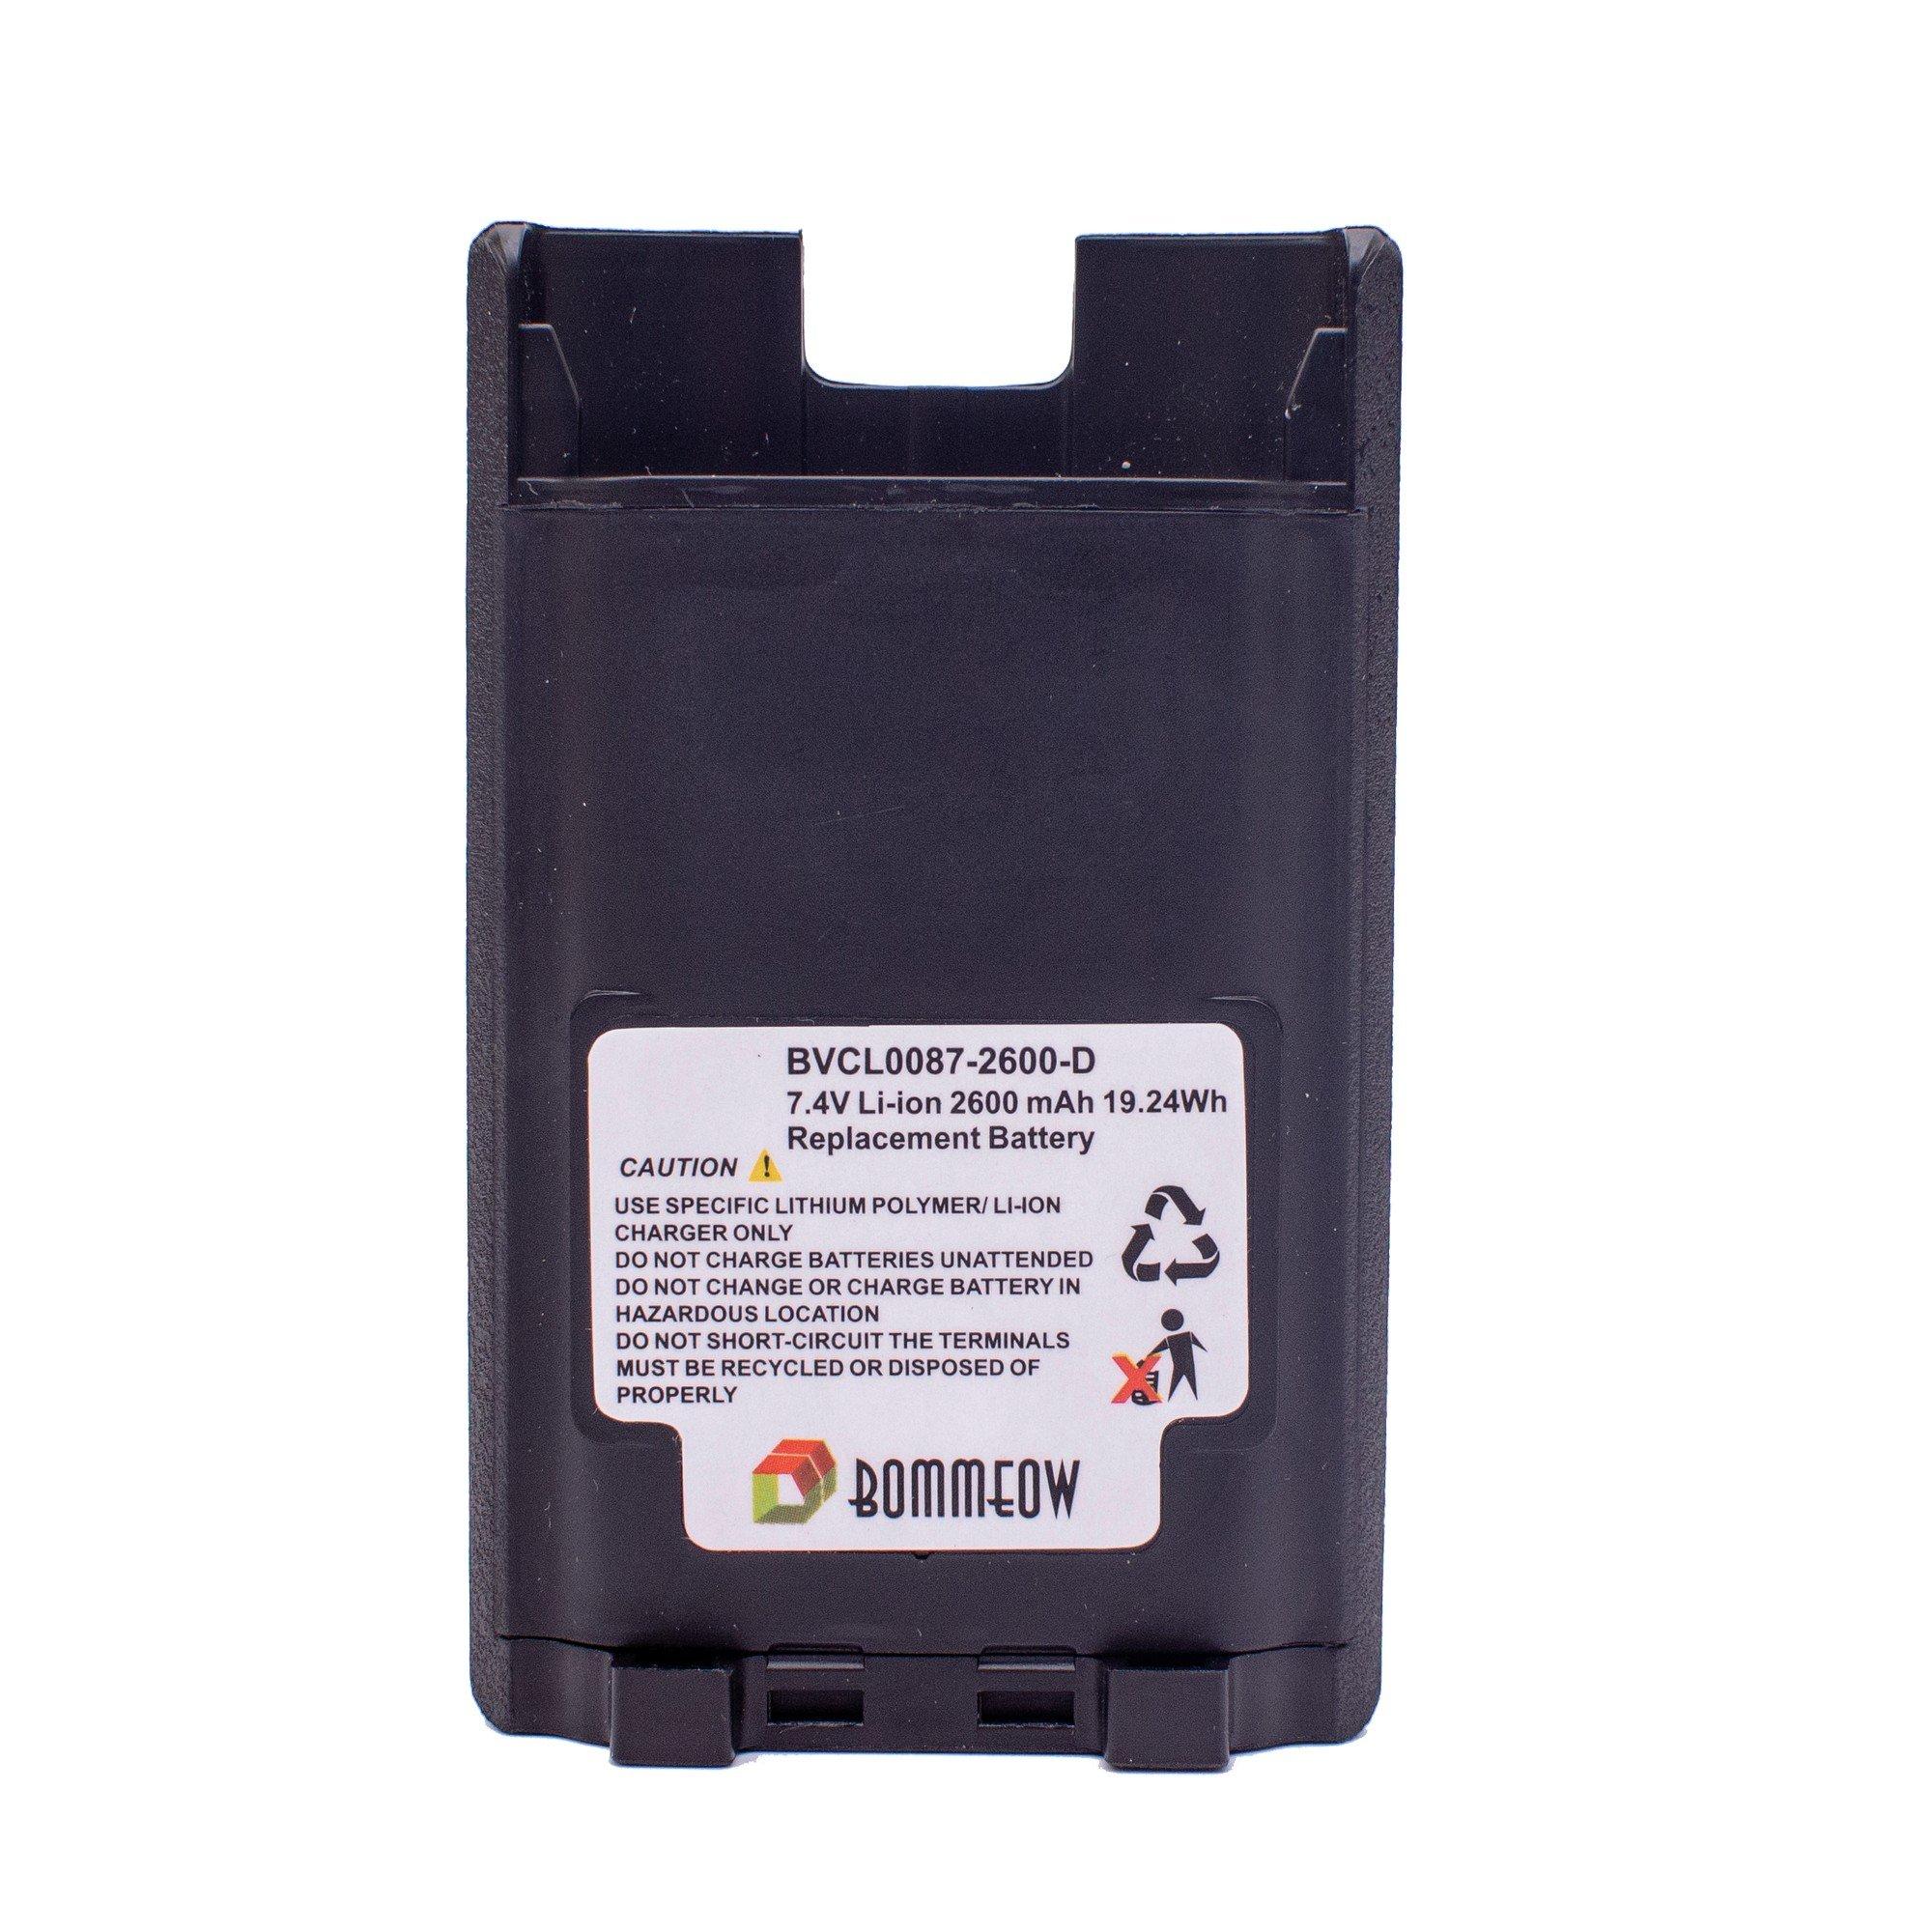 Bommeow BVCL0087-2600-D Replacement Battery for Vertex VX-820 VX-920 VX-970 Series VX-821 VX-824 VX829 VX-929 VX-979